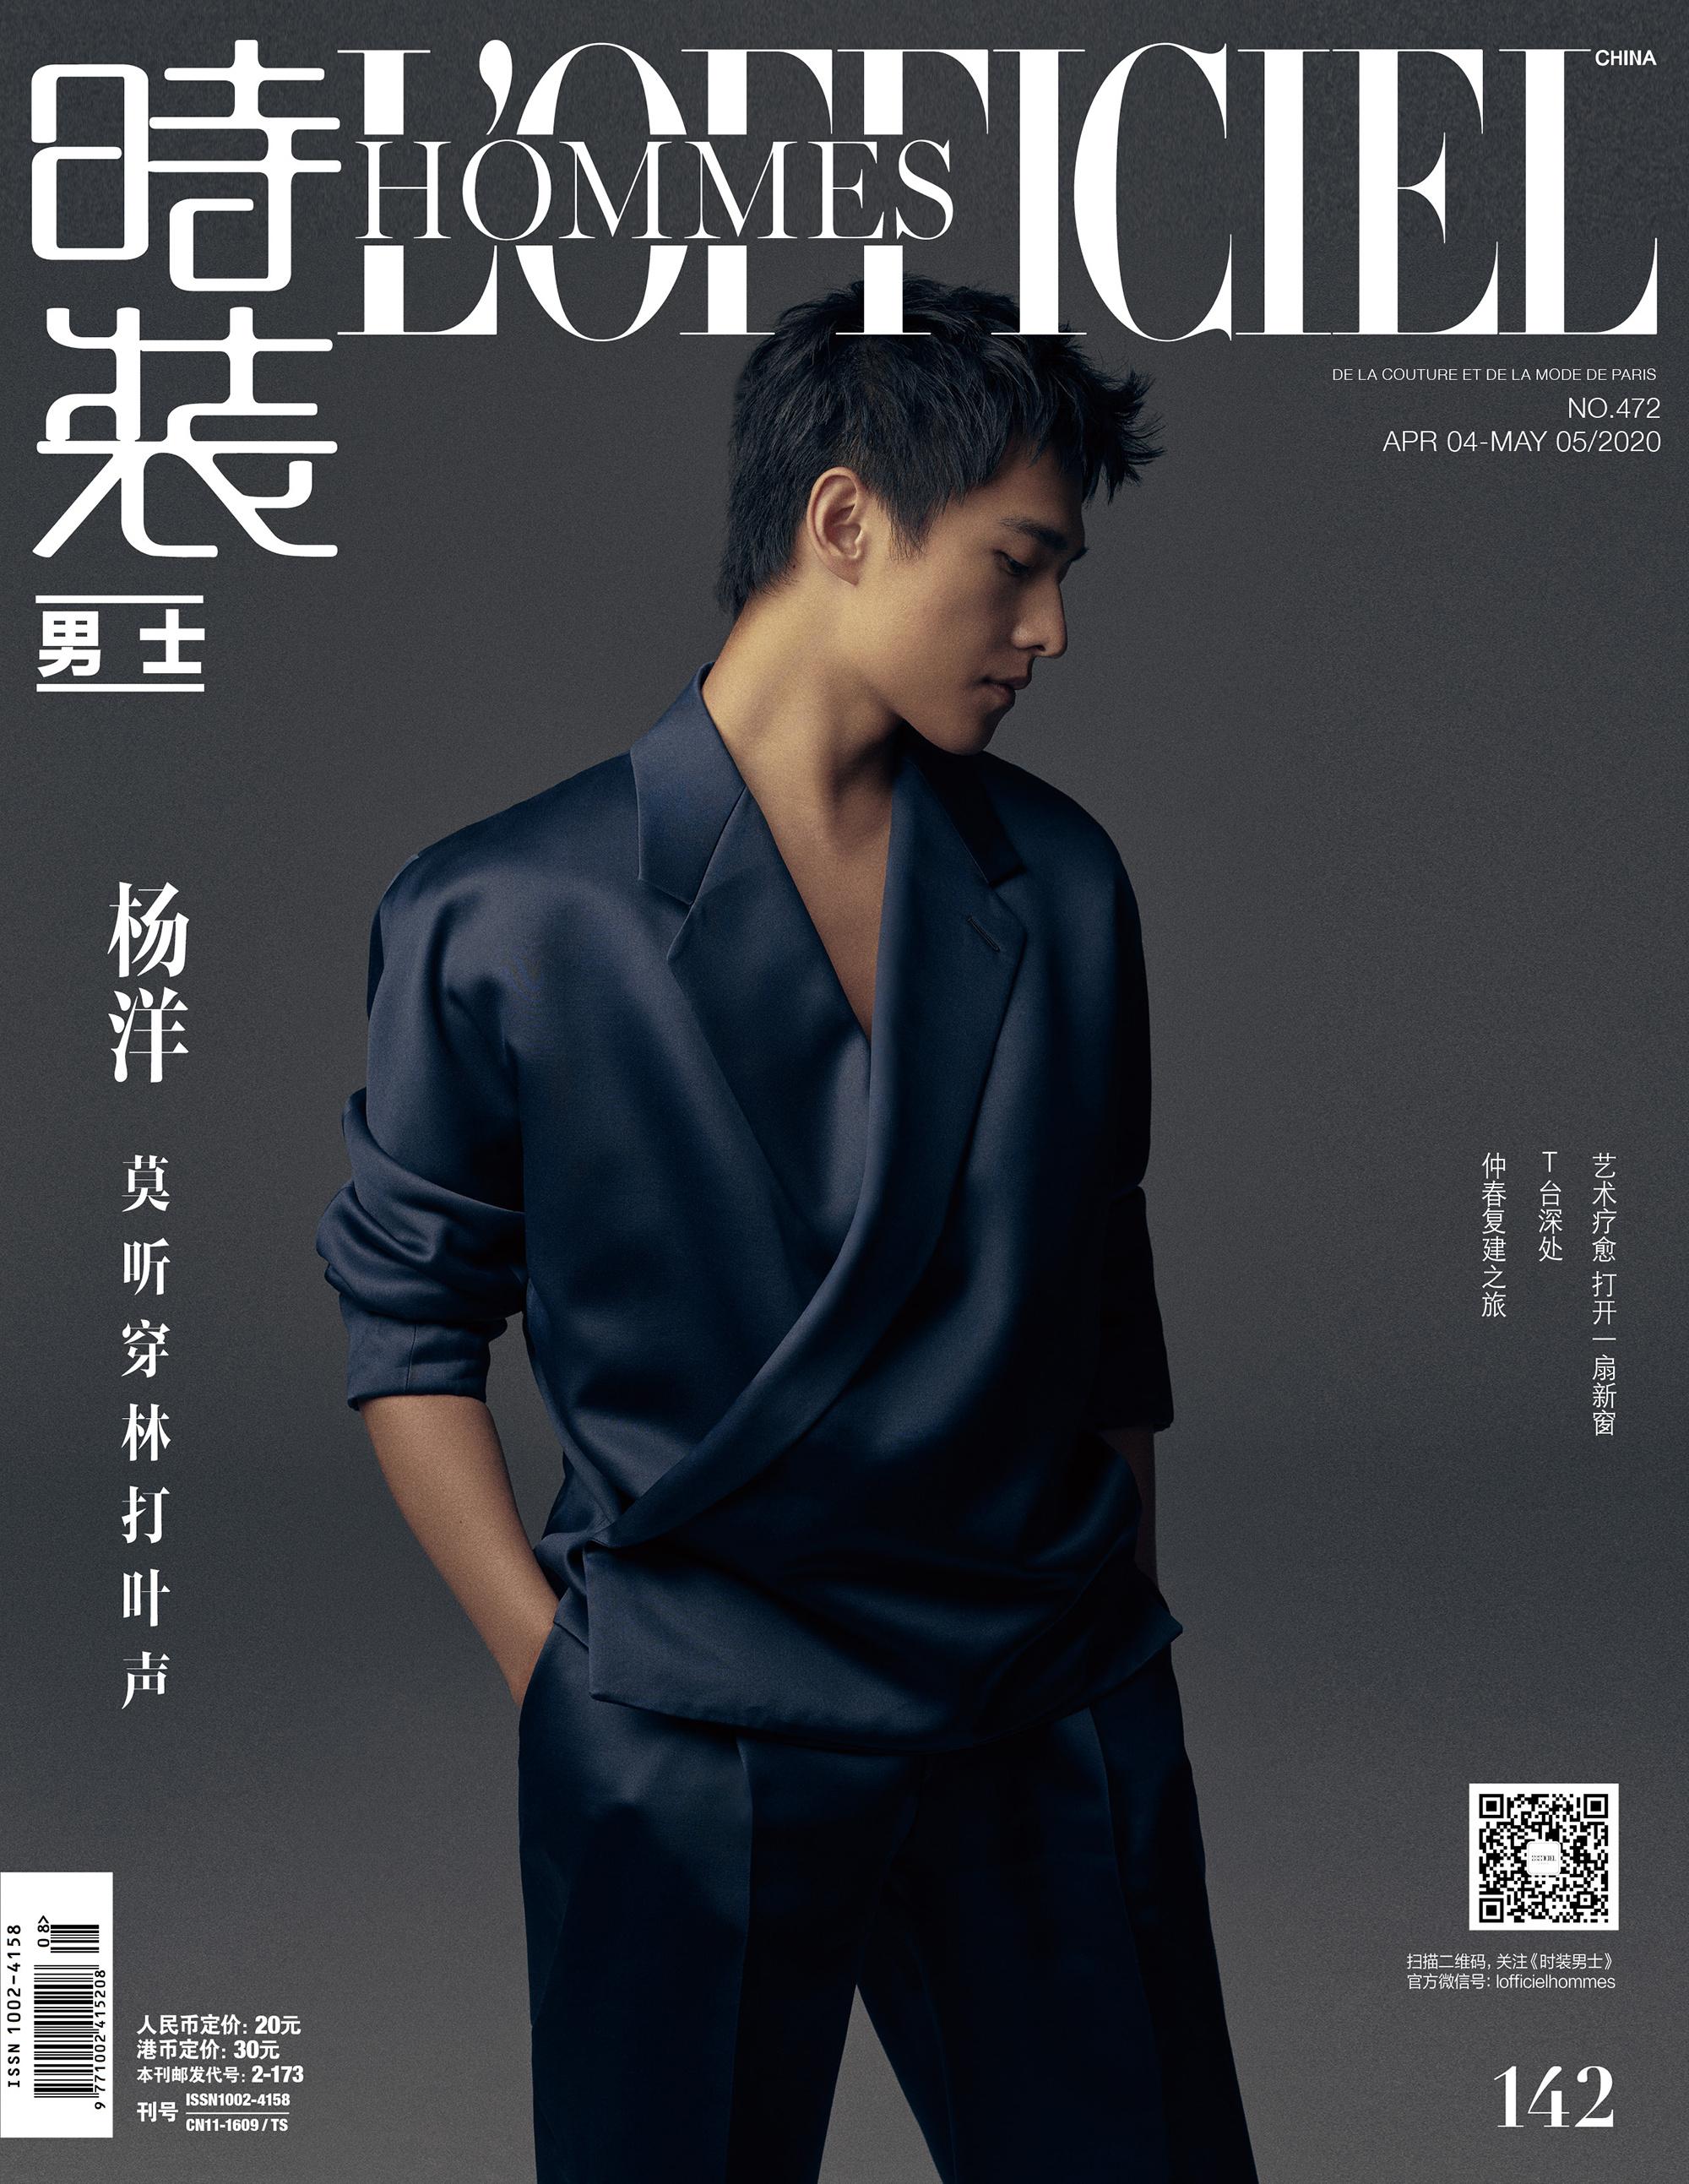 重庆新闻发布会:杨洋登封时尚杂志 潇洒身姿侧脸轮廓令人心动 第1张